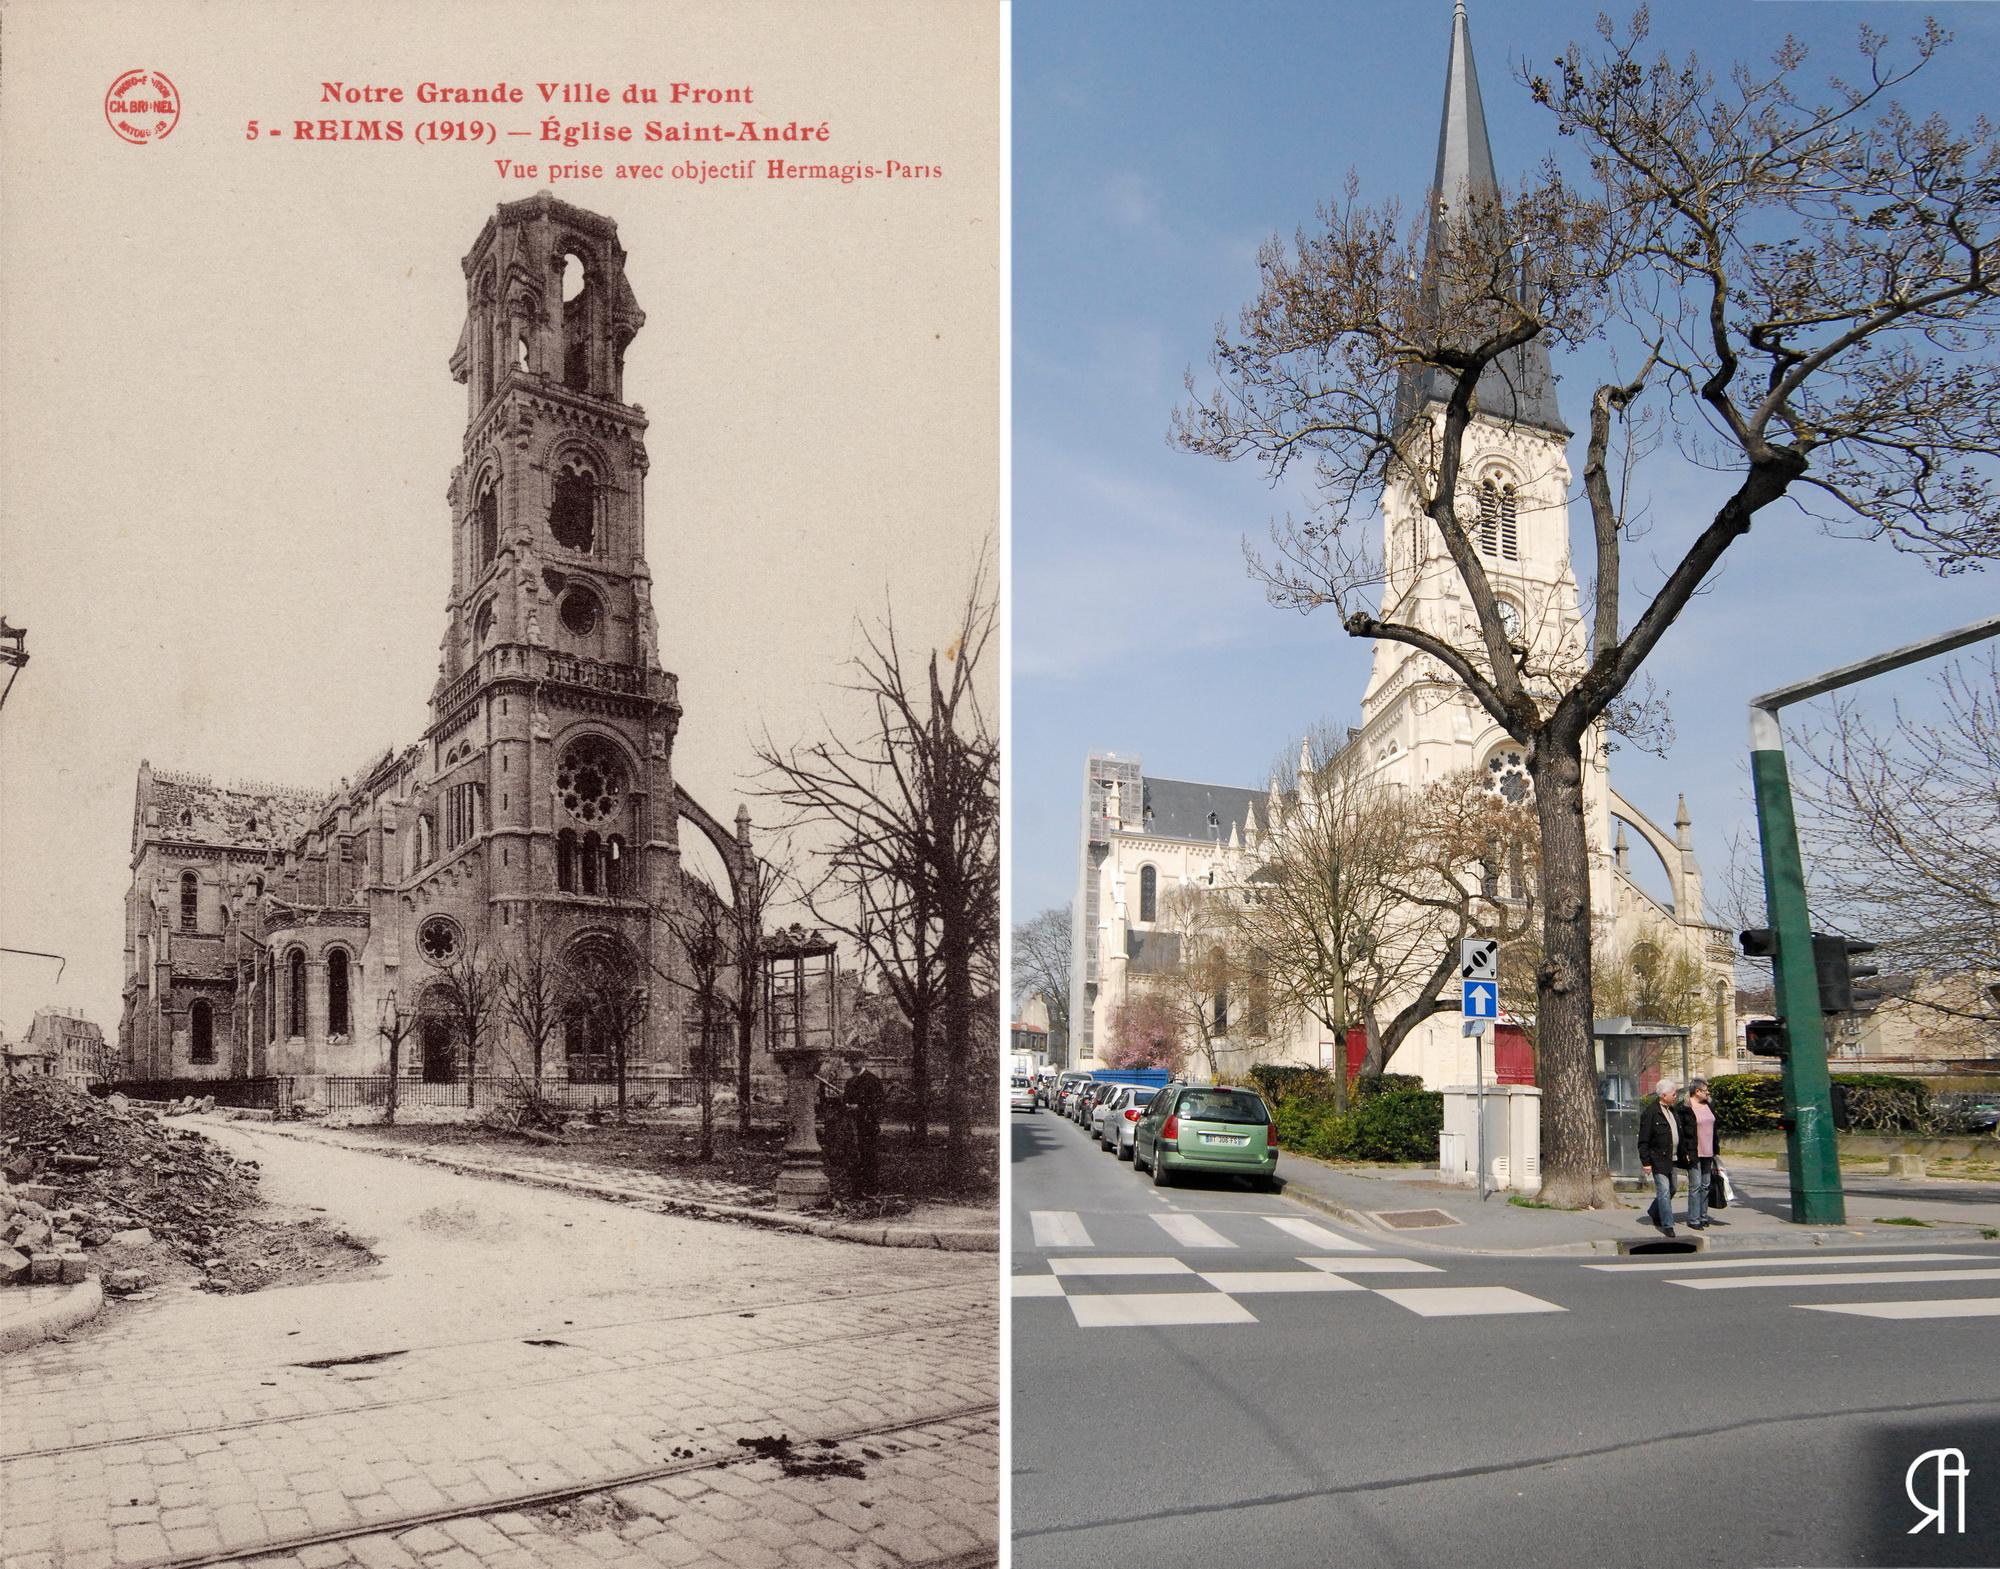 L'Église Saint-André après les bombardements